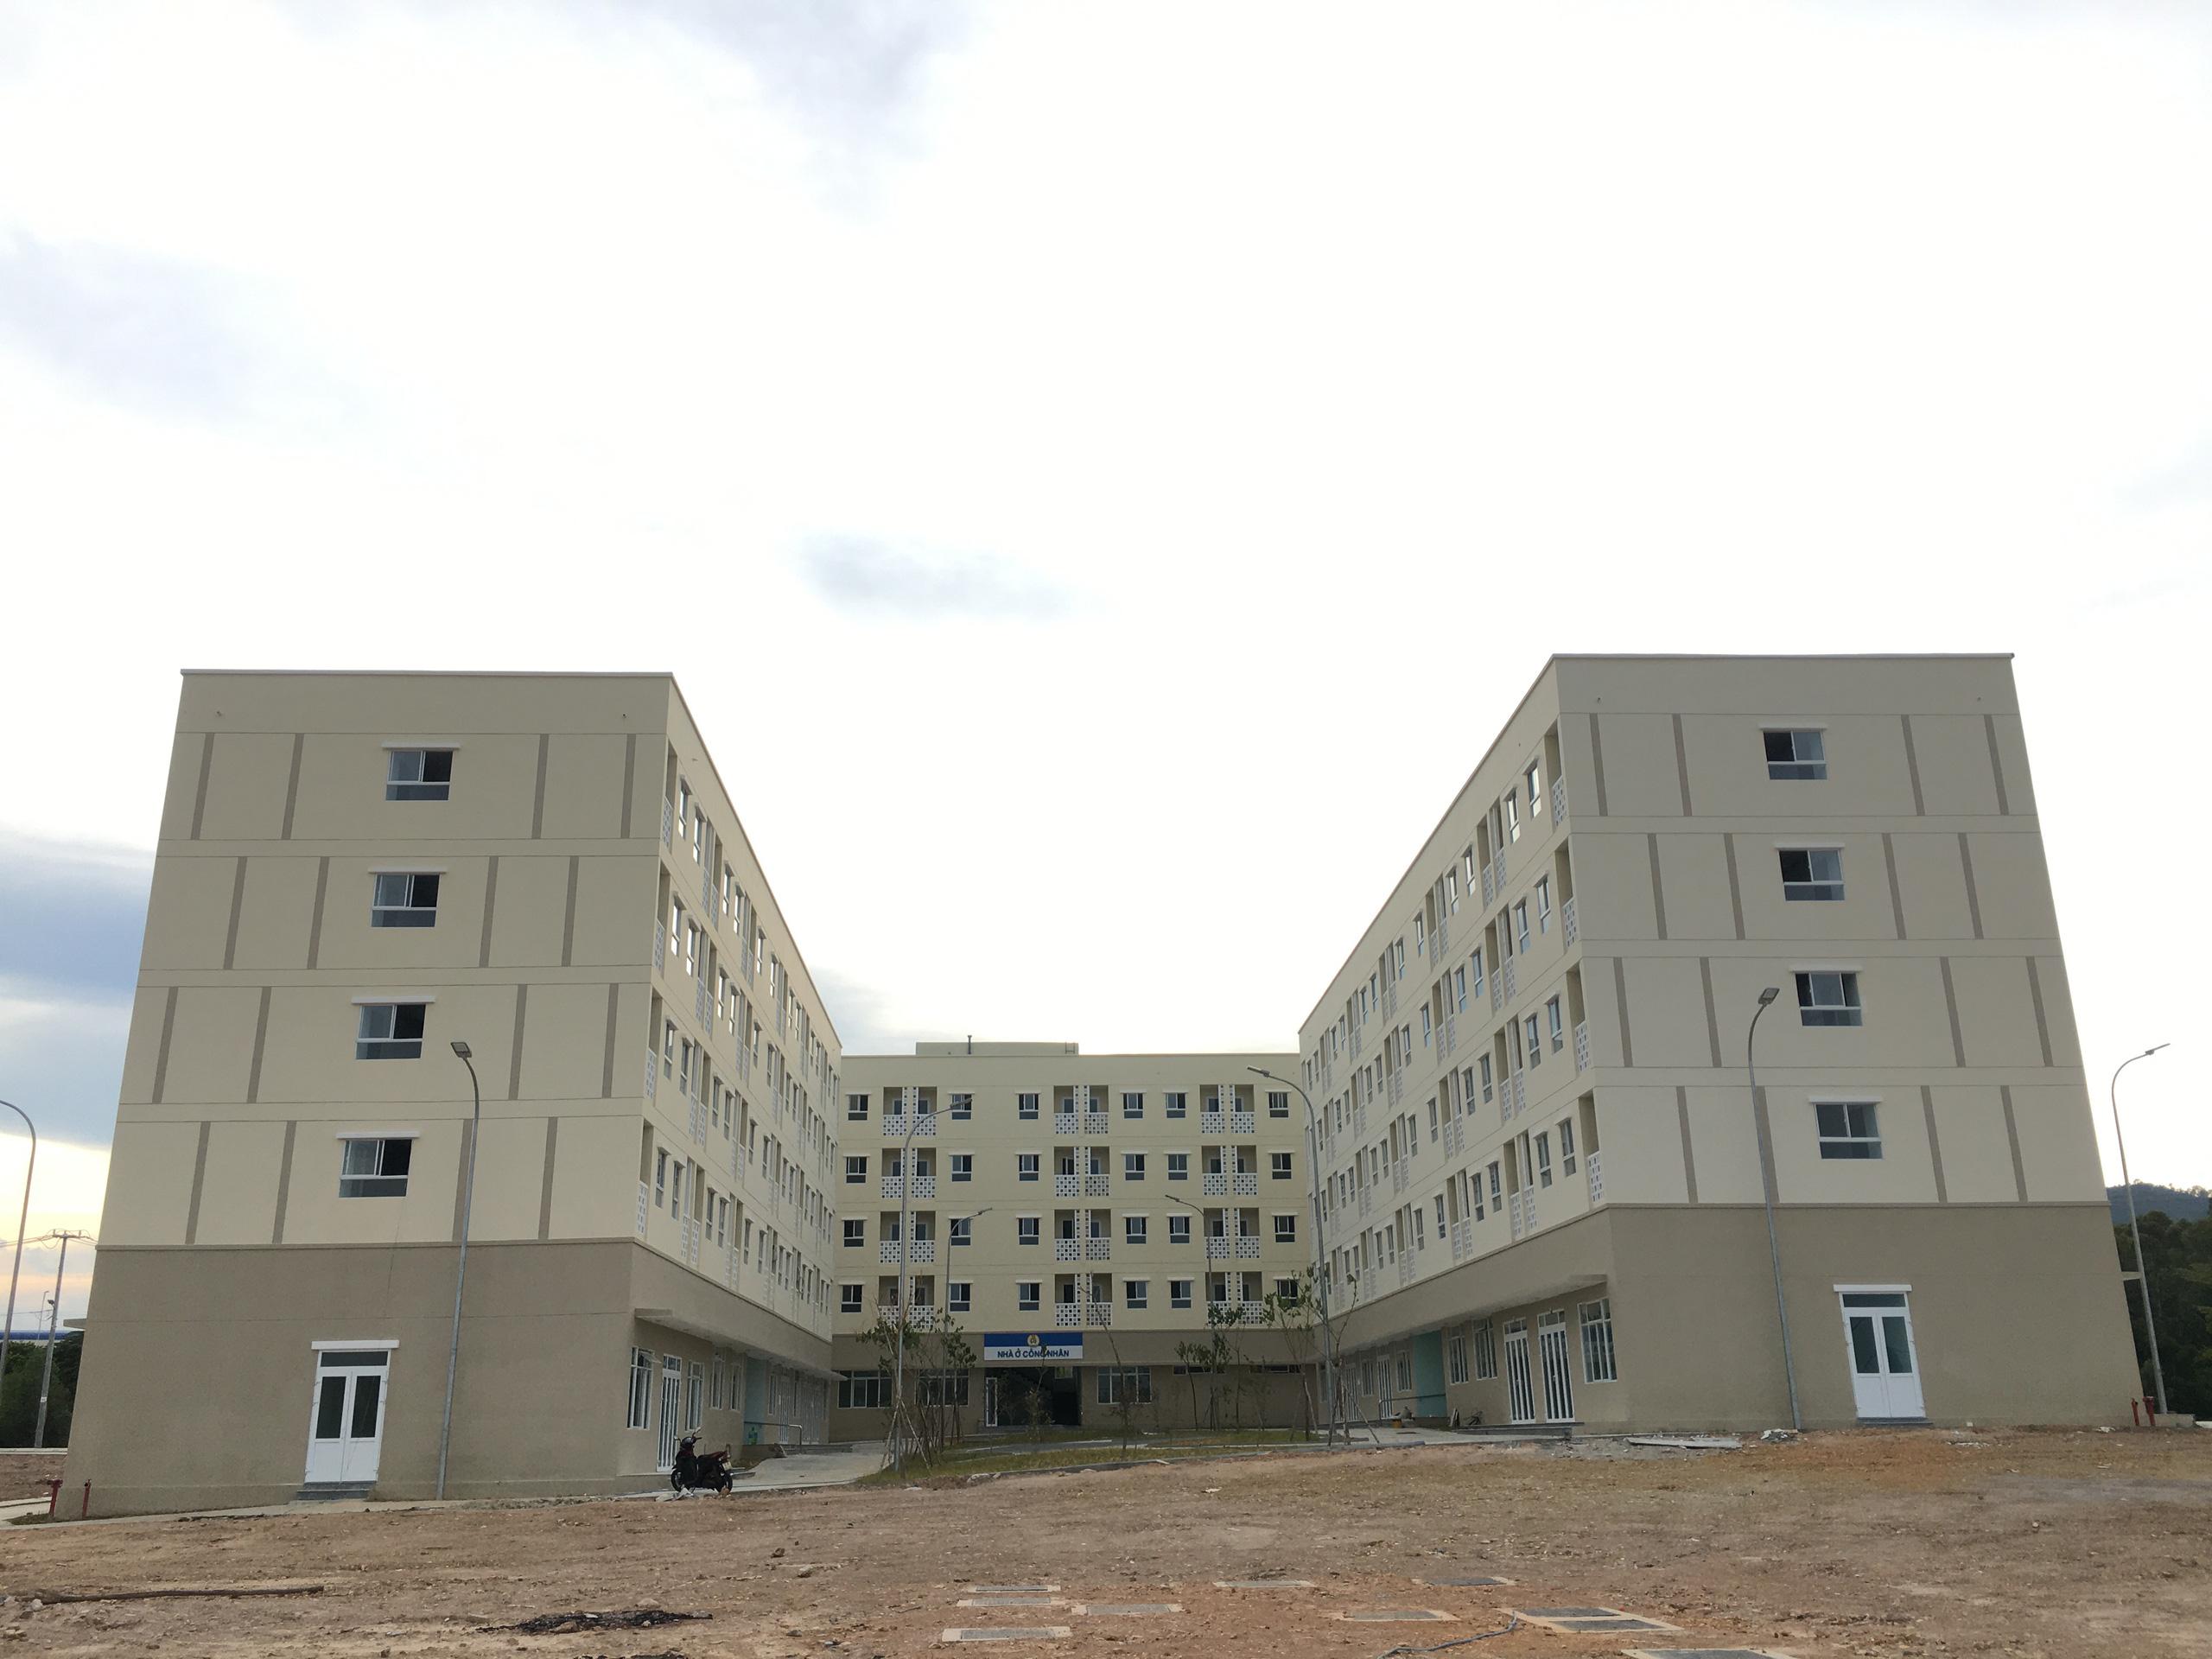 Đà Nẵng sẽ xây dựng chung cư khoảng 320 tỷ đồng với 400 căn cho thuê - Ảnh 1.